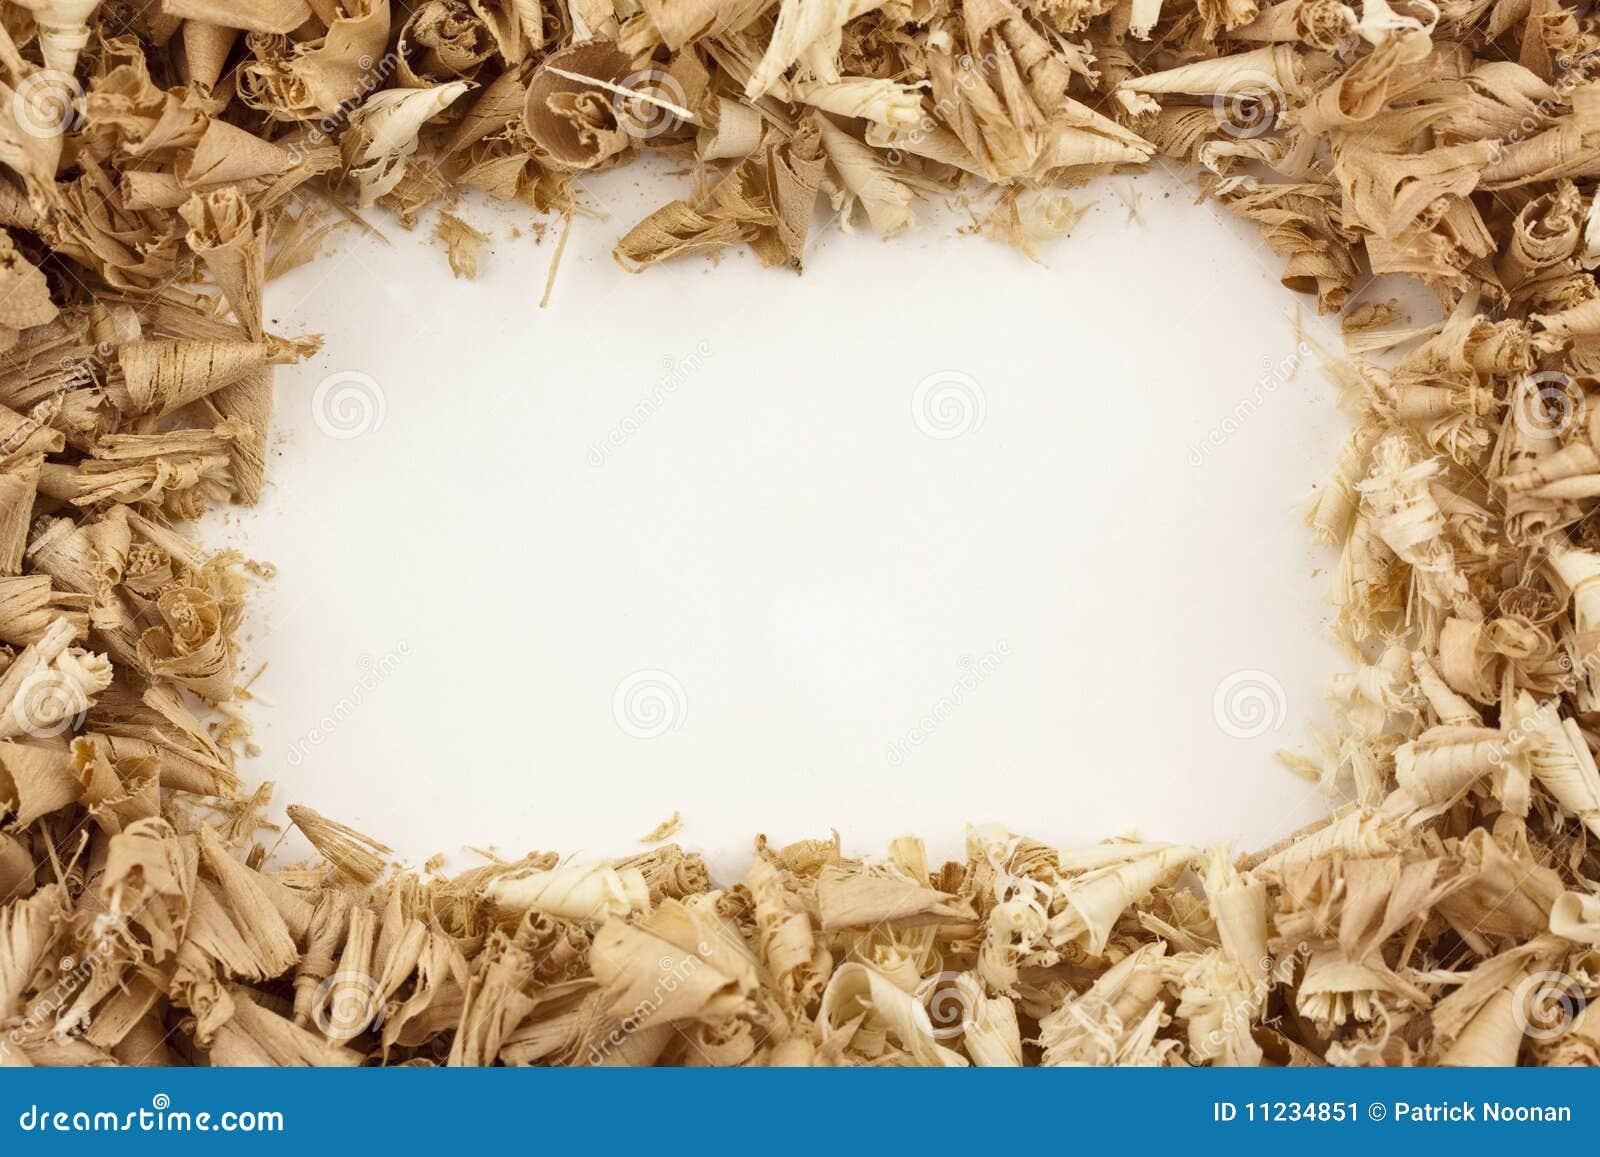 Wood Shavings Frame stock image  Image of white, pine - 11234851